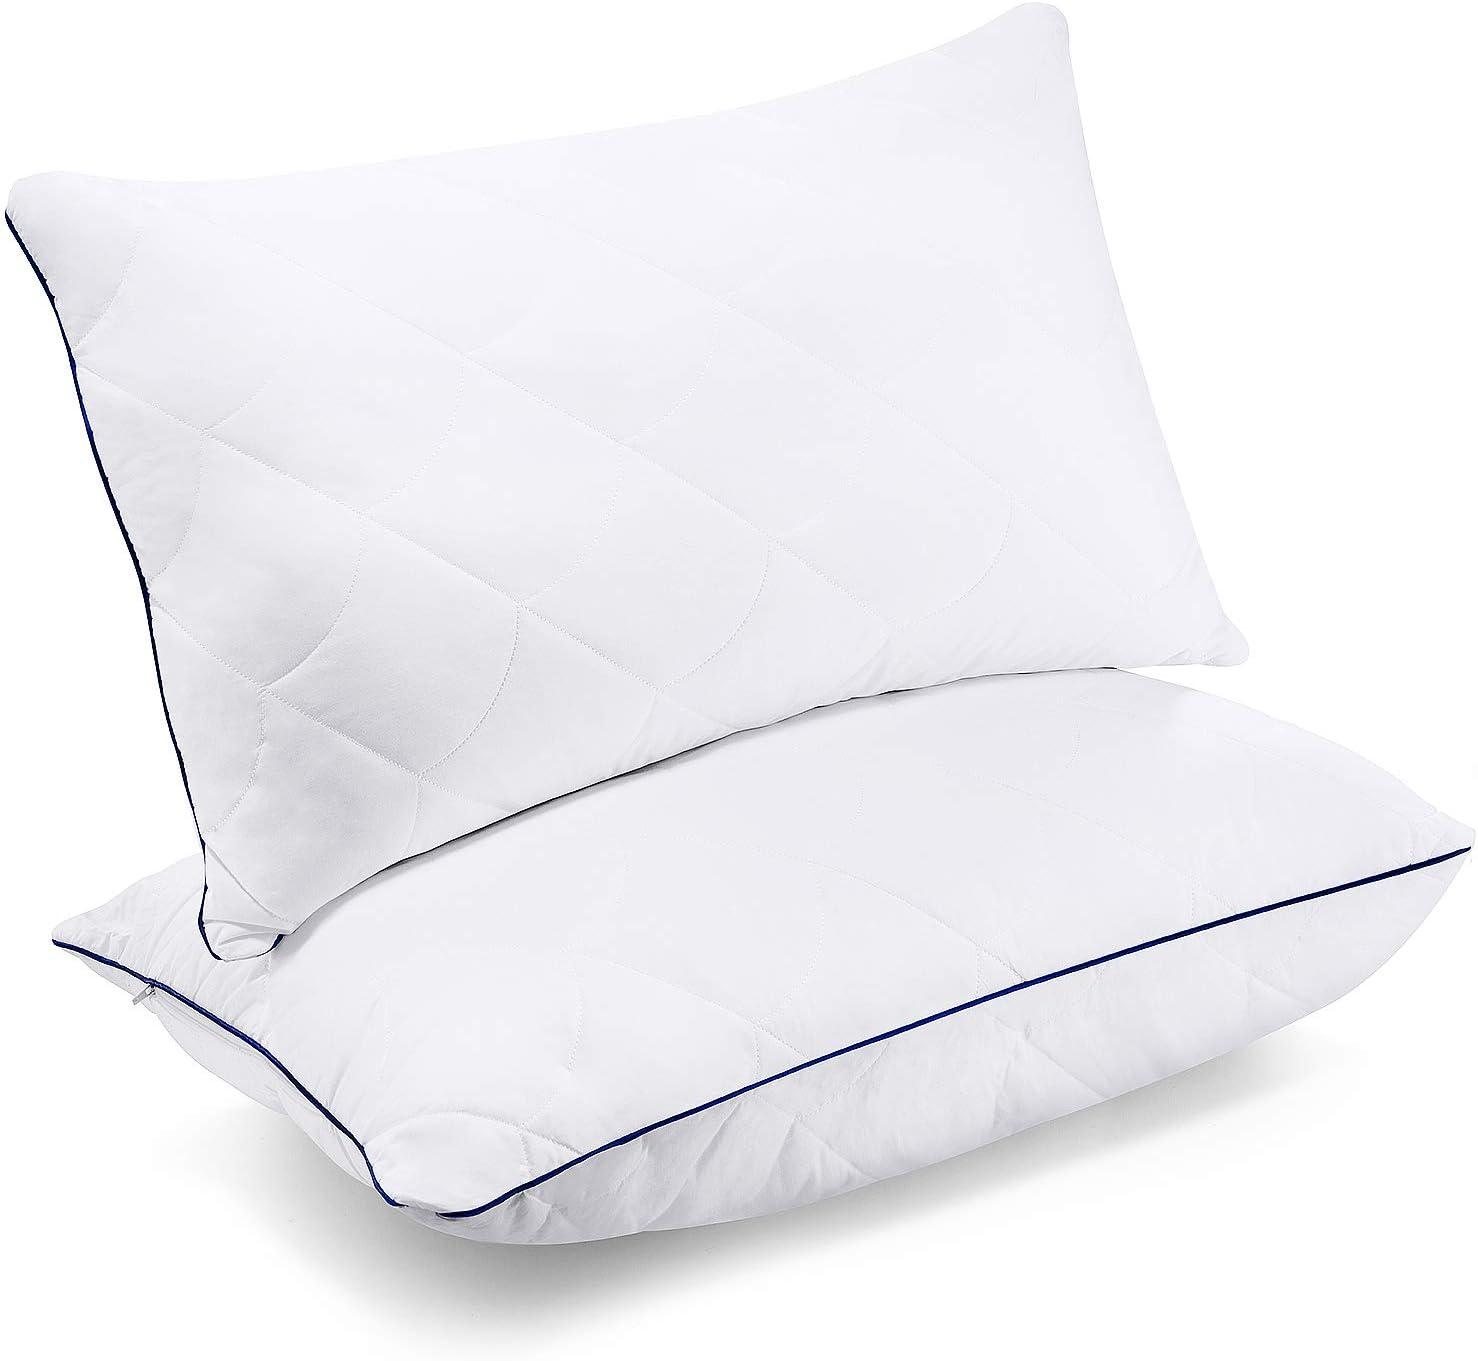 Sable Pillows for Sleeping